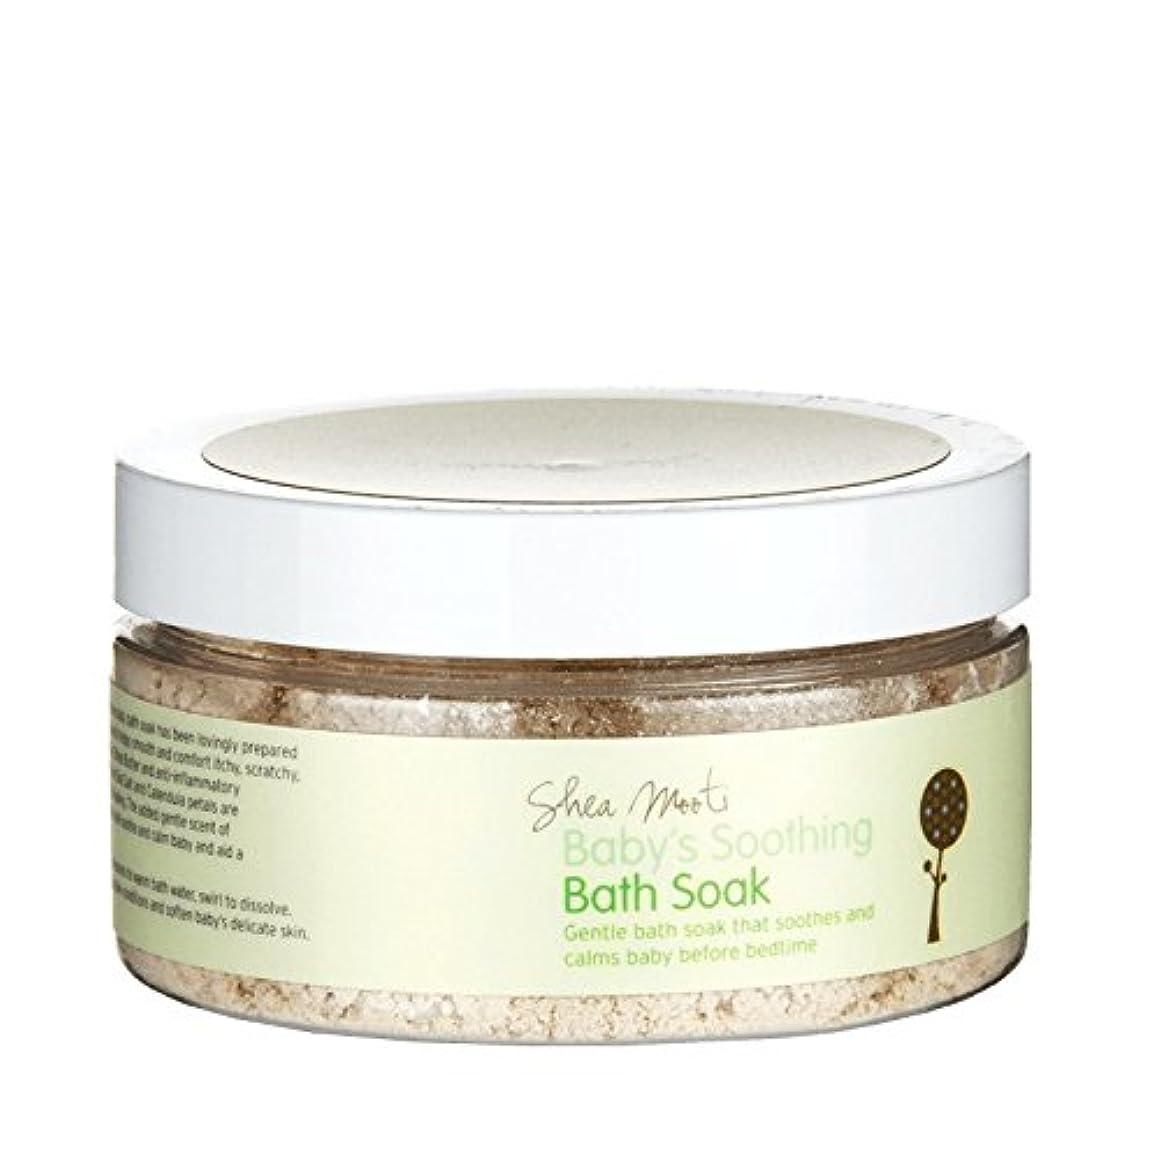 行為基礎付与Shea Mooti Baby's Soothing Bath Soak 130g (Pack of 6) - シアバターMooti赤ちゃんの癒しのお風呂は、130グラムを浸し (x6) [並行輸入品]